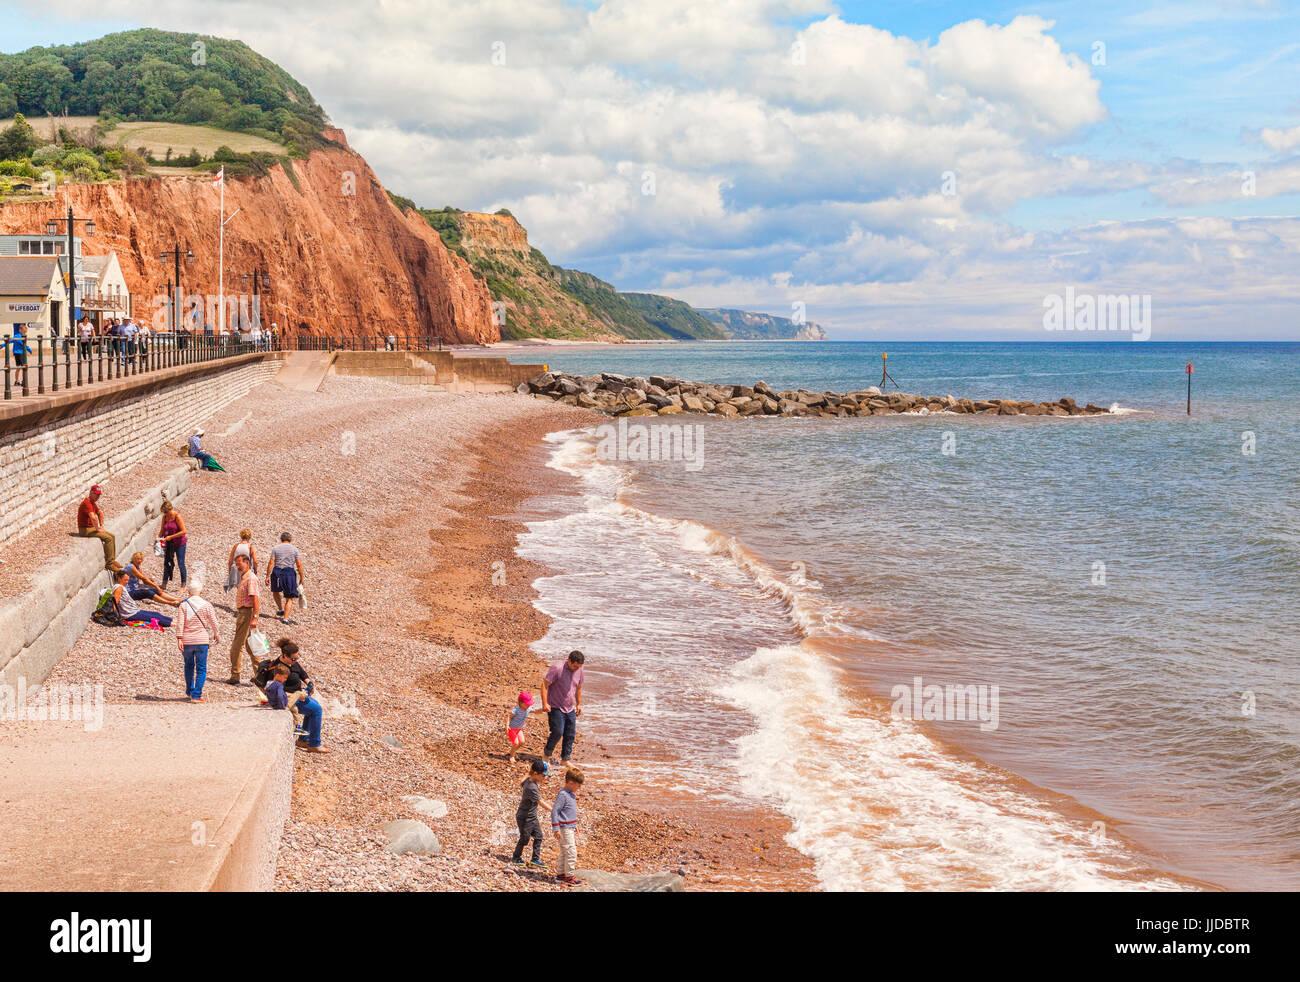 3 Juillet 2017: la ville de Sidmouth, Dorset, England, UK - Les visiteurs sur la plage de galets par un beau Photo Stock